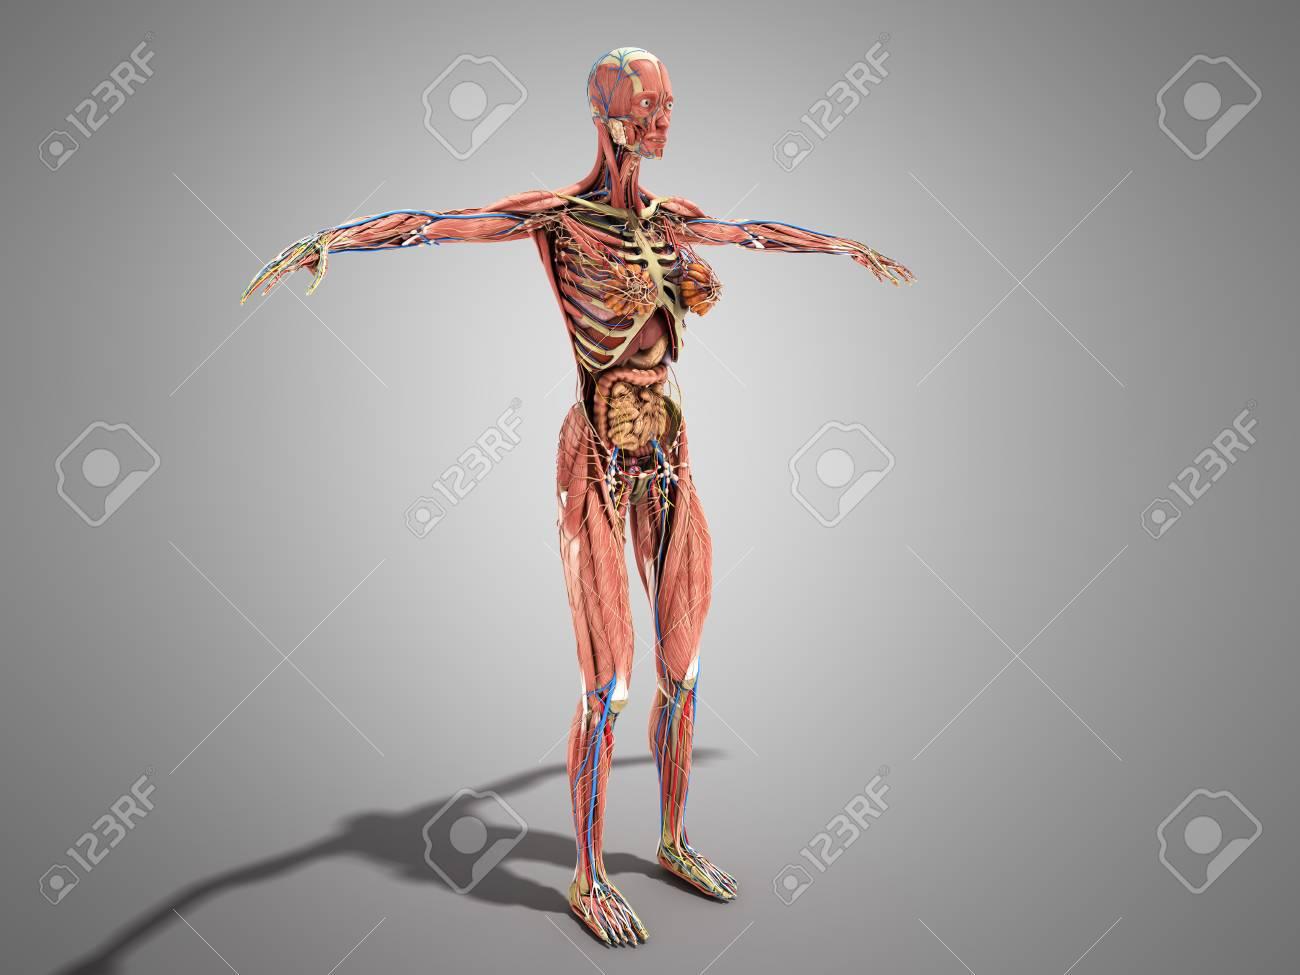 Eine Anatomie Des Weiblichen Körpers Für Bücher 3d Ilustration Auf ...